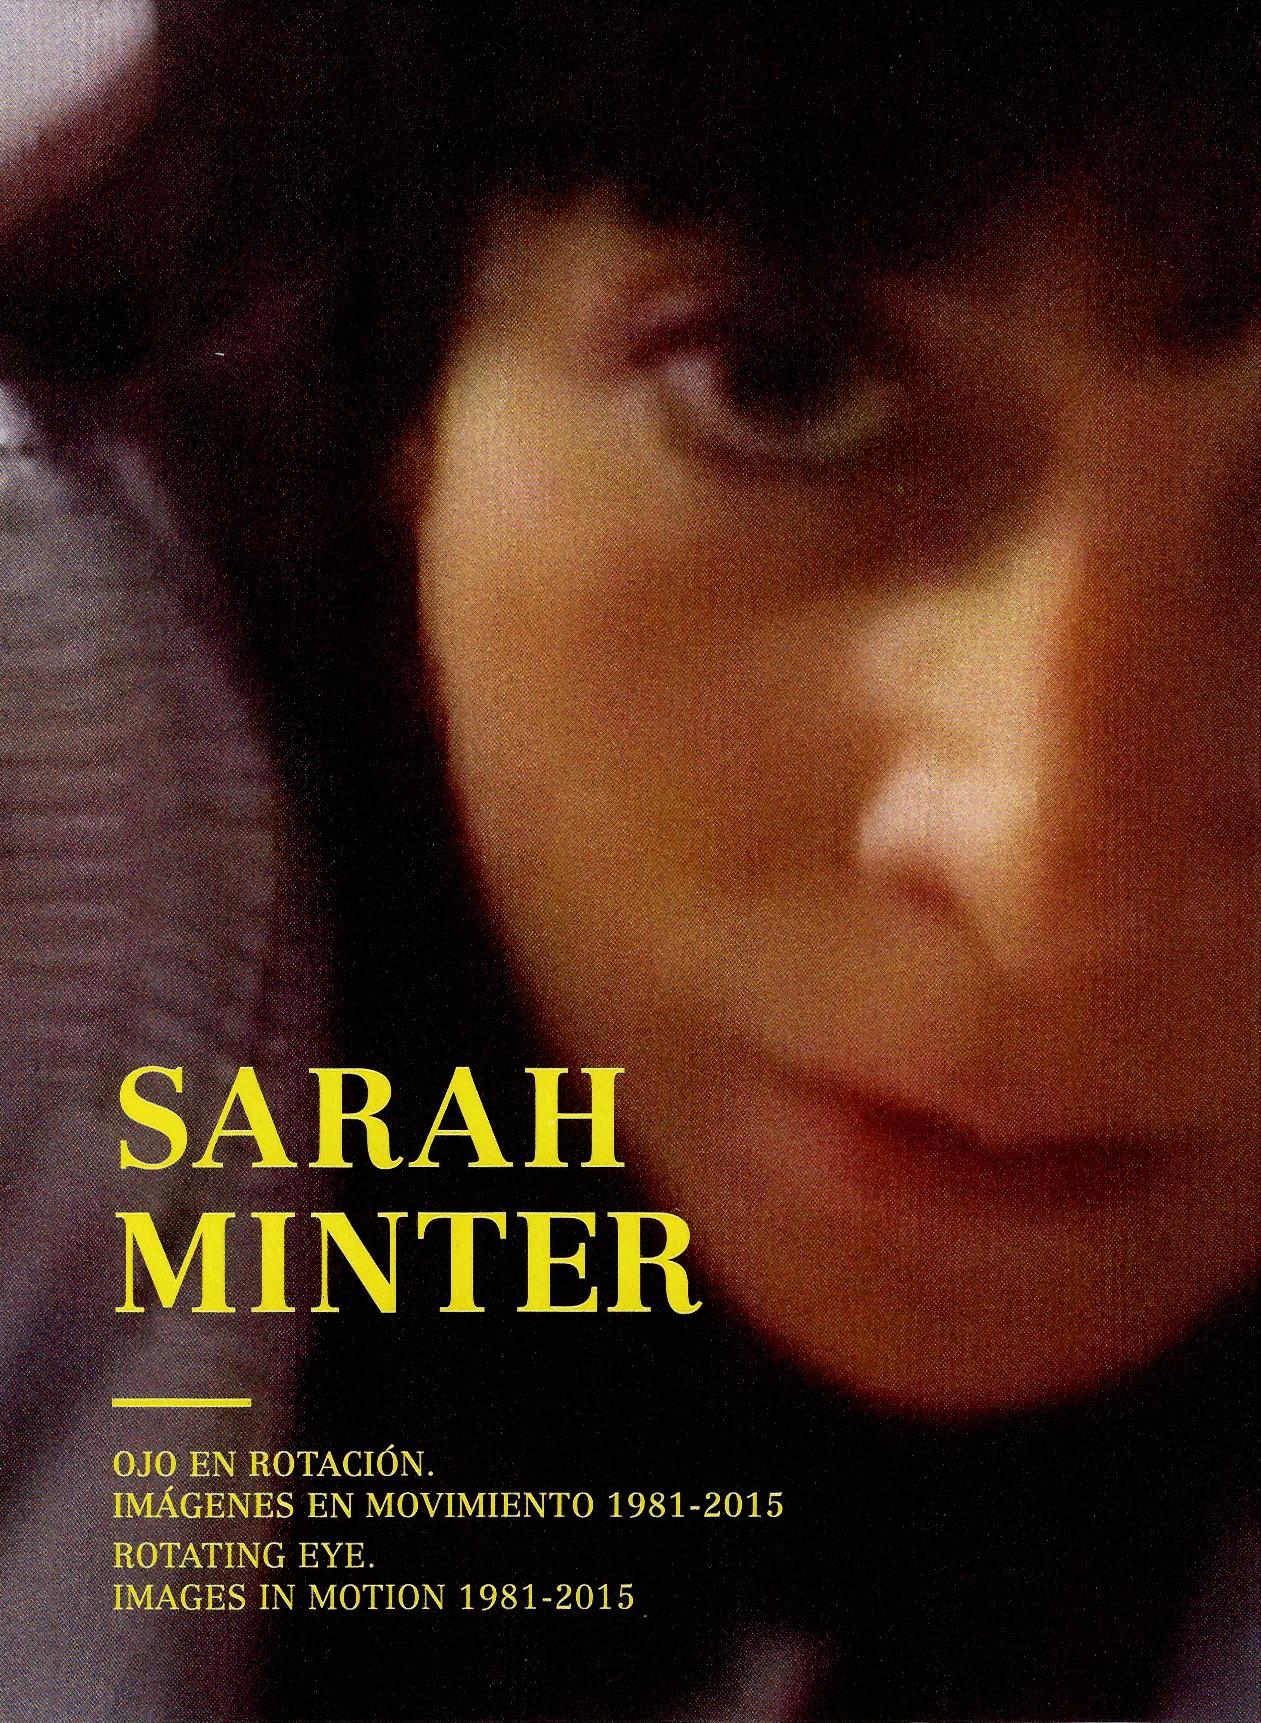 Sara Minter. Ojo en rotación. Imágenes en movimiento, 1981-215-Rotating eye. Images in motion, 1981-215